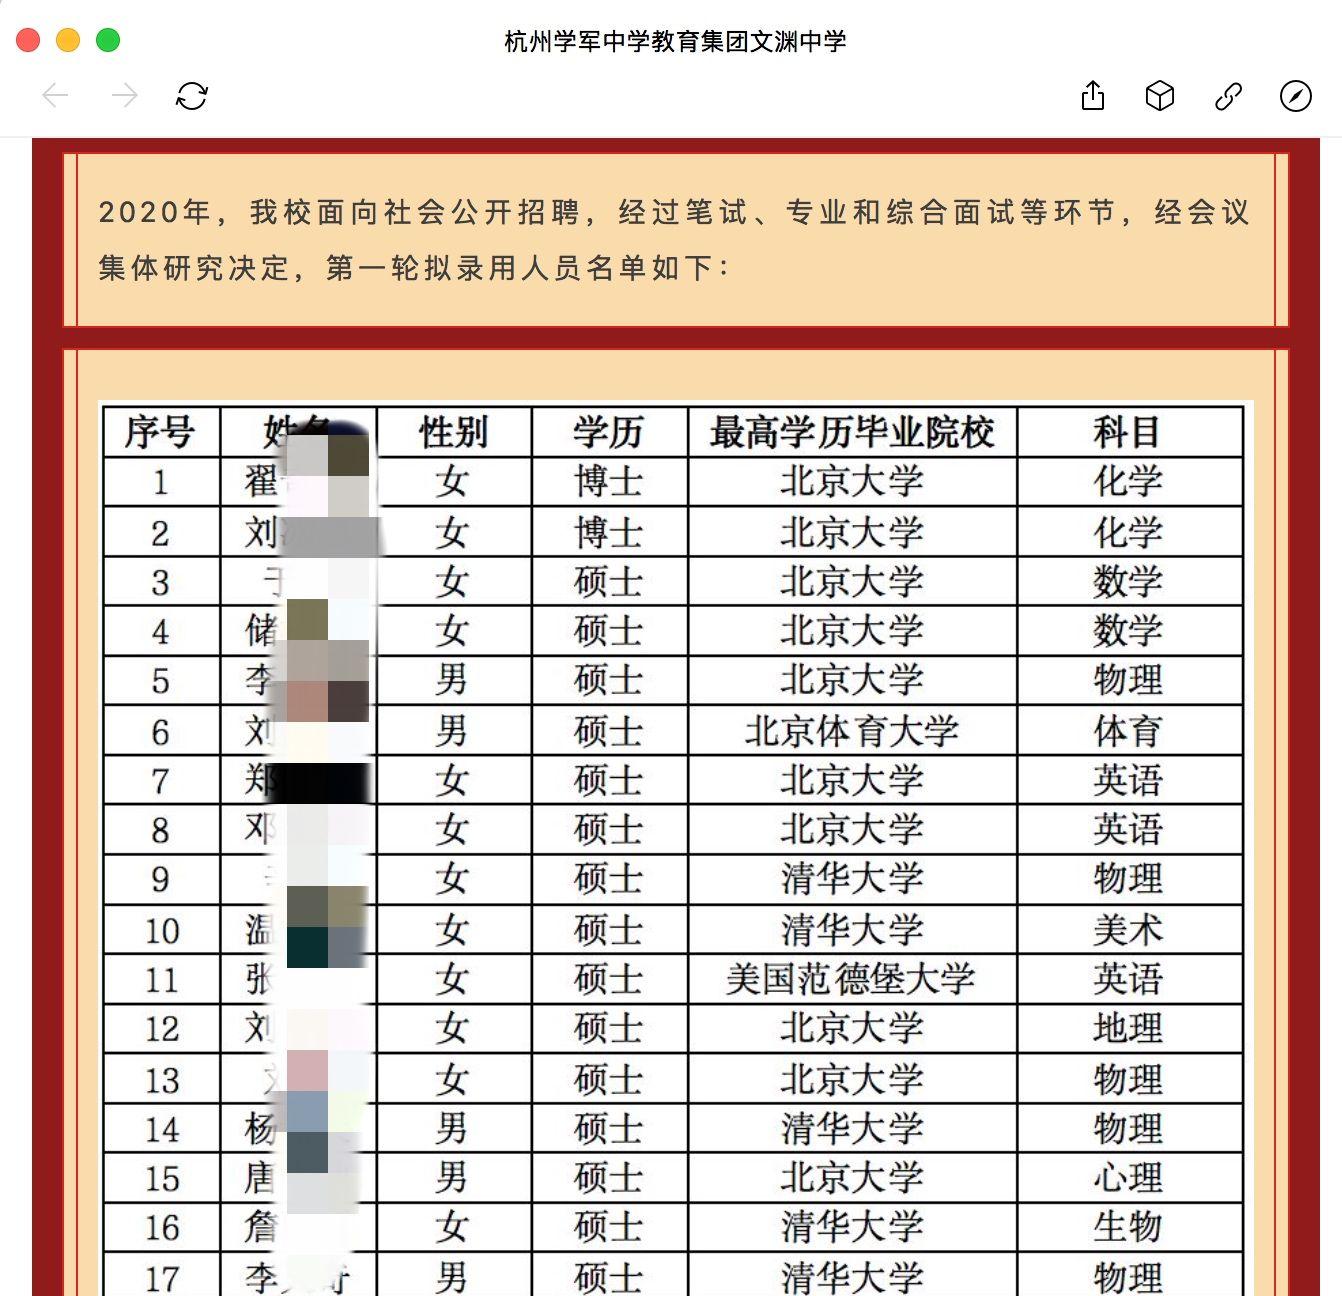 有没有可以花呗支付的网站|荔枝派:上头追星!韩商言和佟年的房子被粉丝买走了……